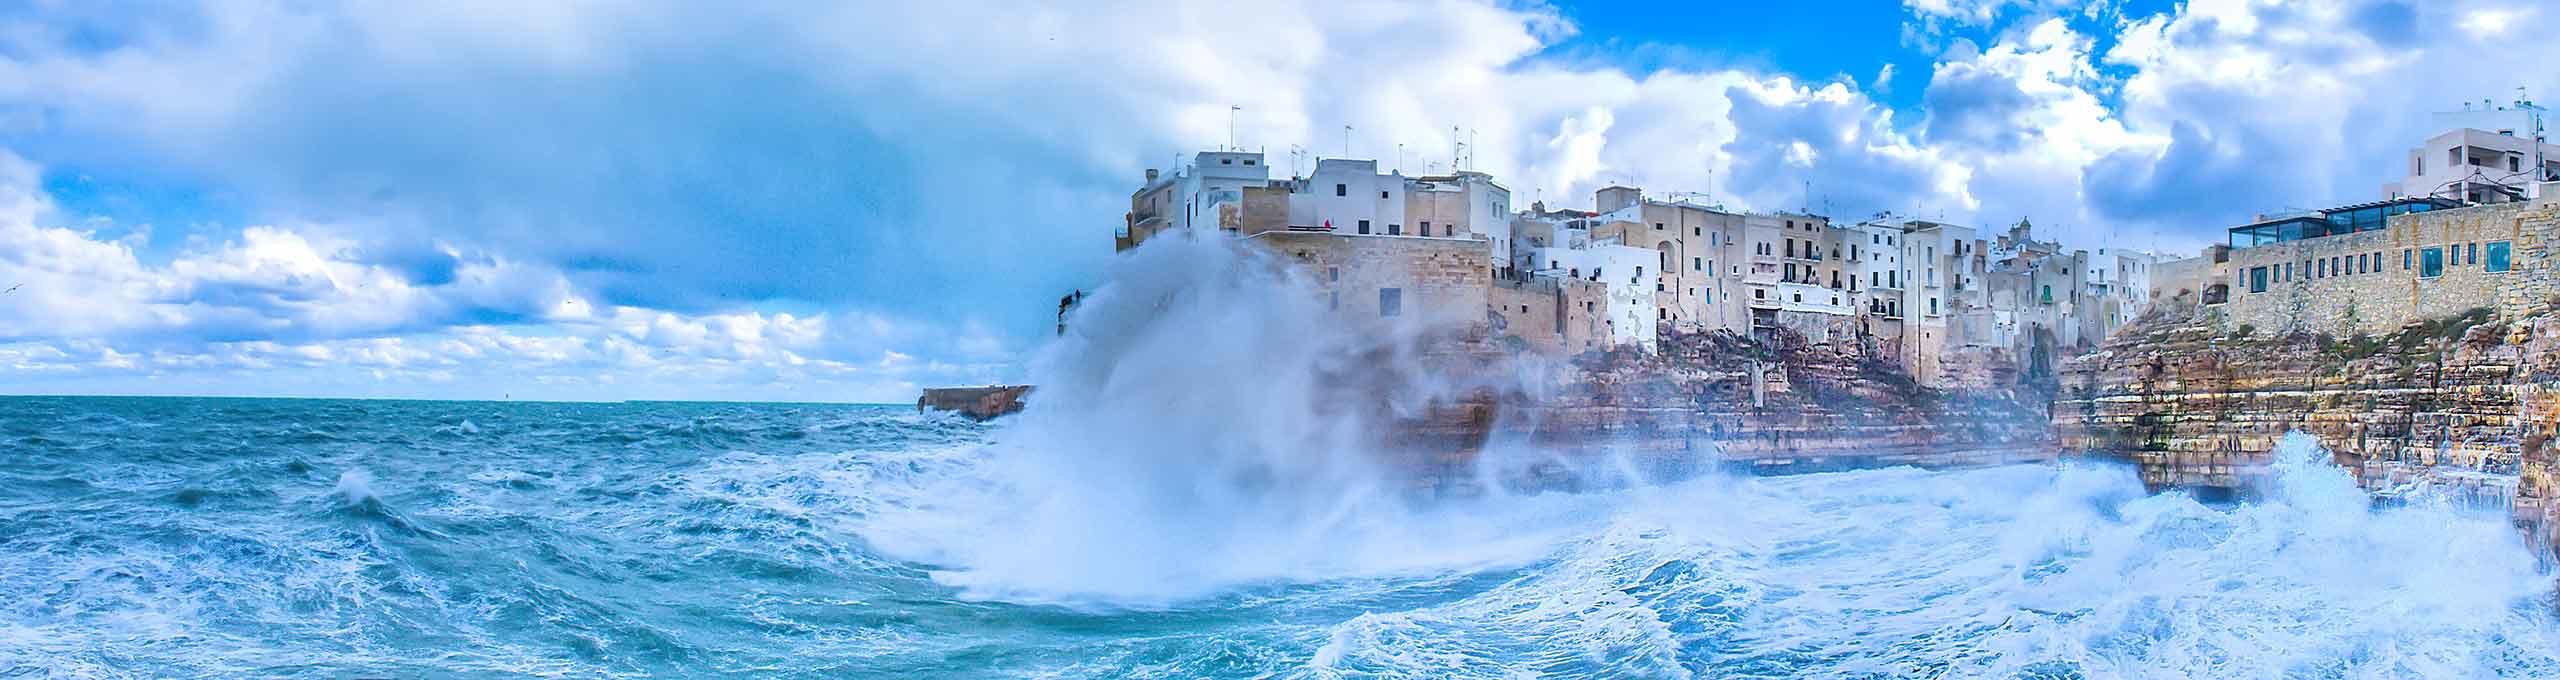 Polignano a Mare, Bari e la Costa